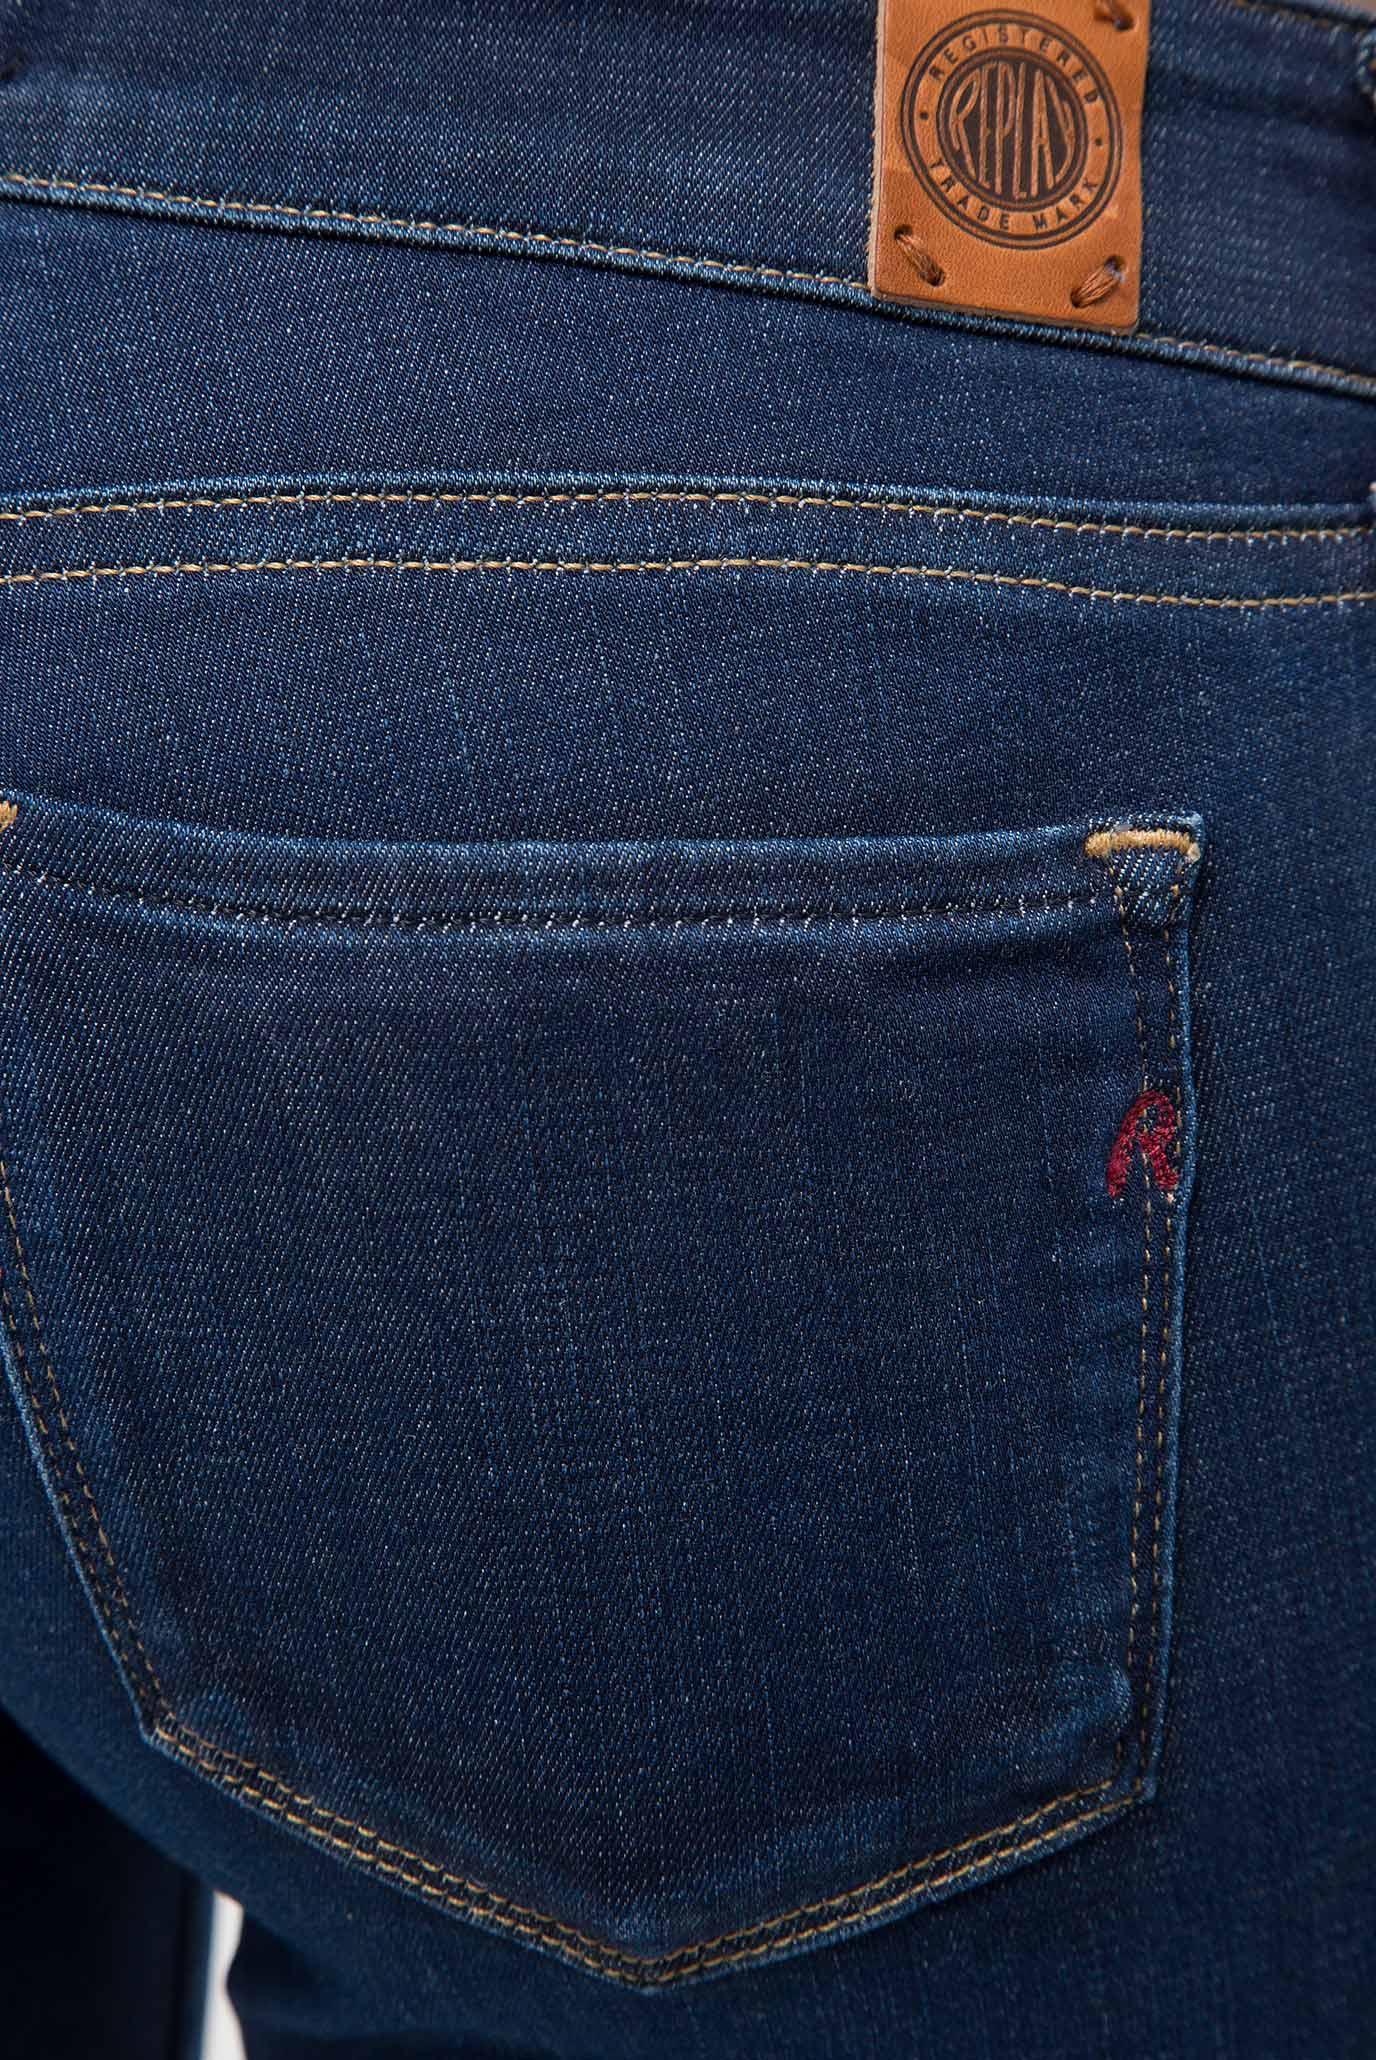 Купить Женские темно-синие джинсы RAISSA Replay Replay WA675 .000.661 319 – Киев, Украина. Цены в интернет магазине MD Fashion